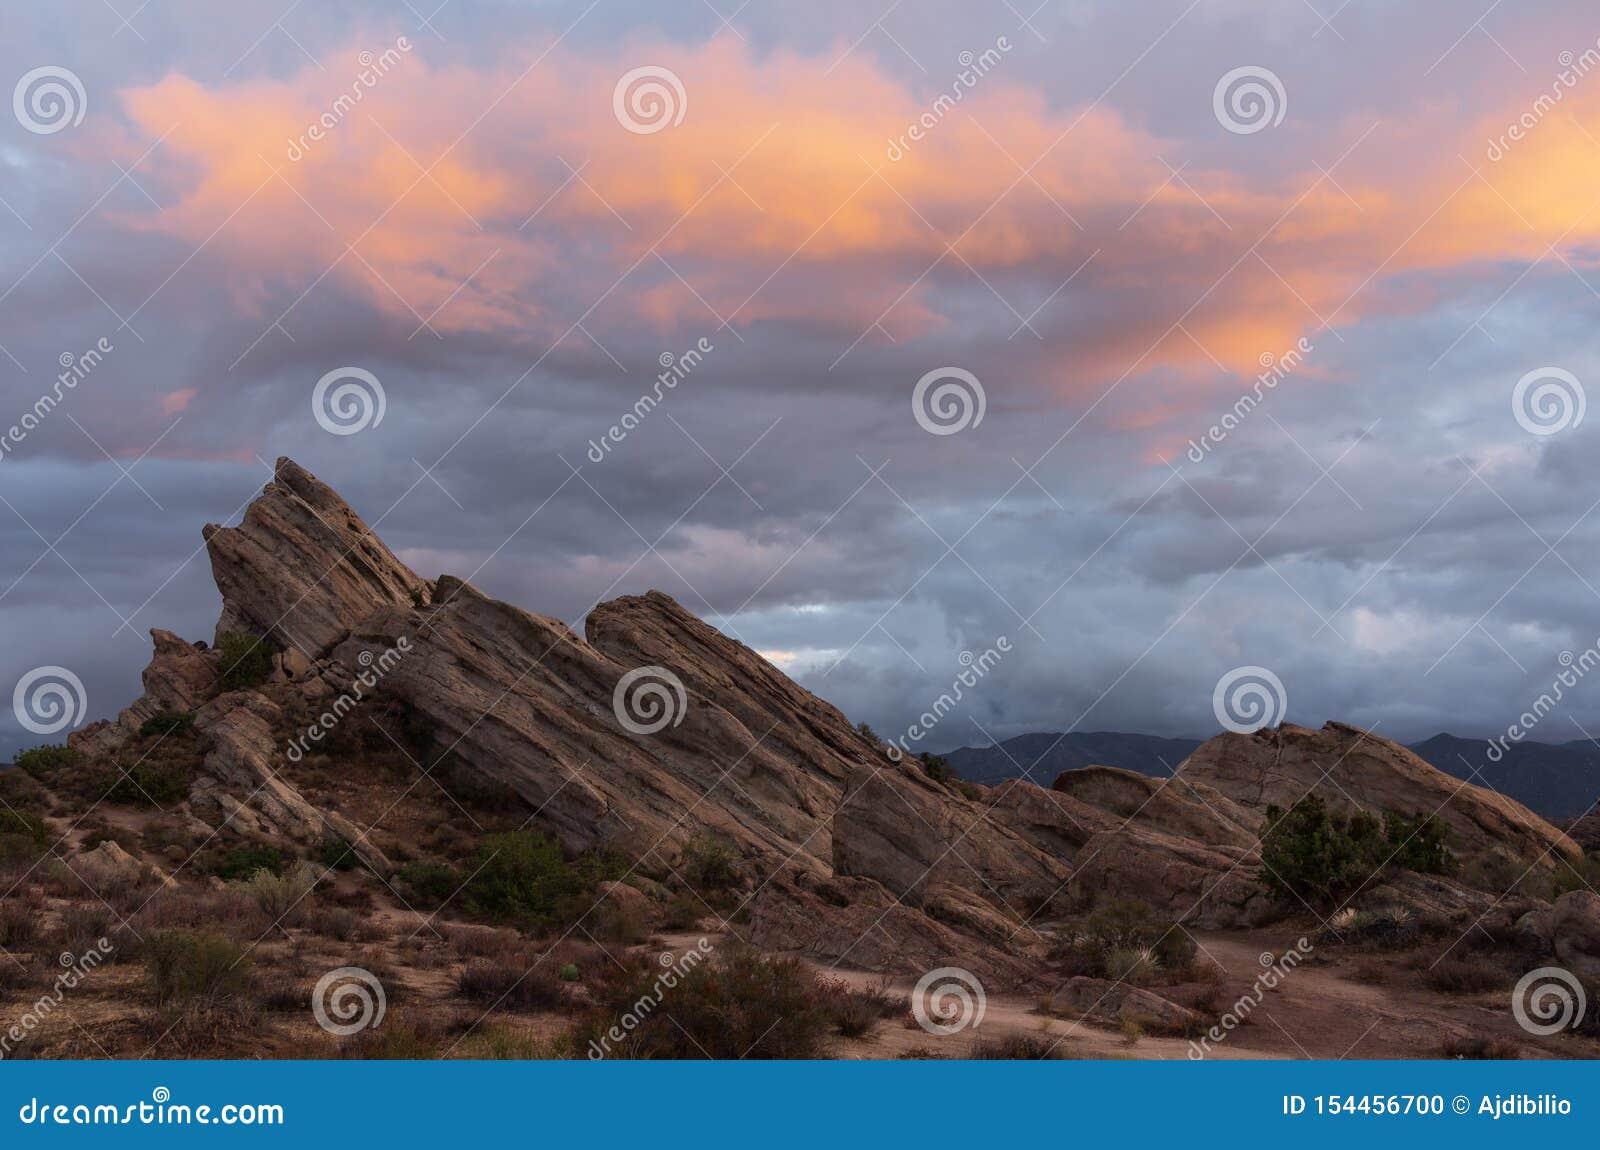 Vasquez Rocks Natural Area Park in California.